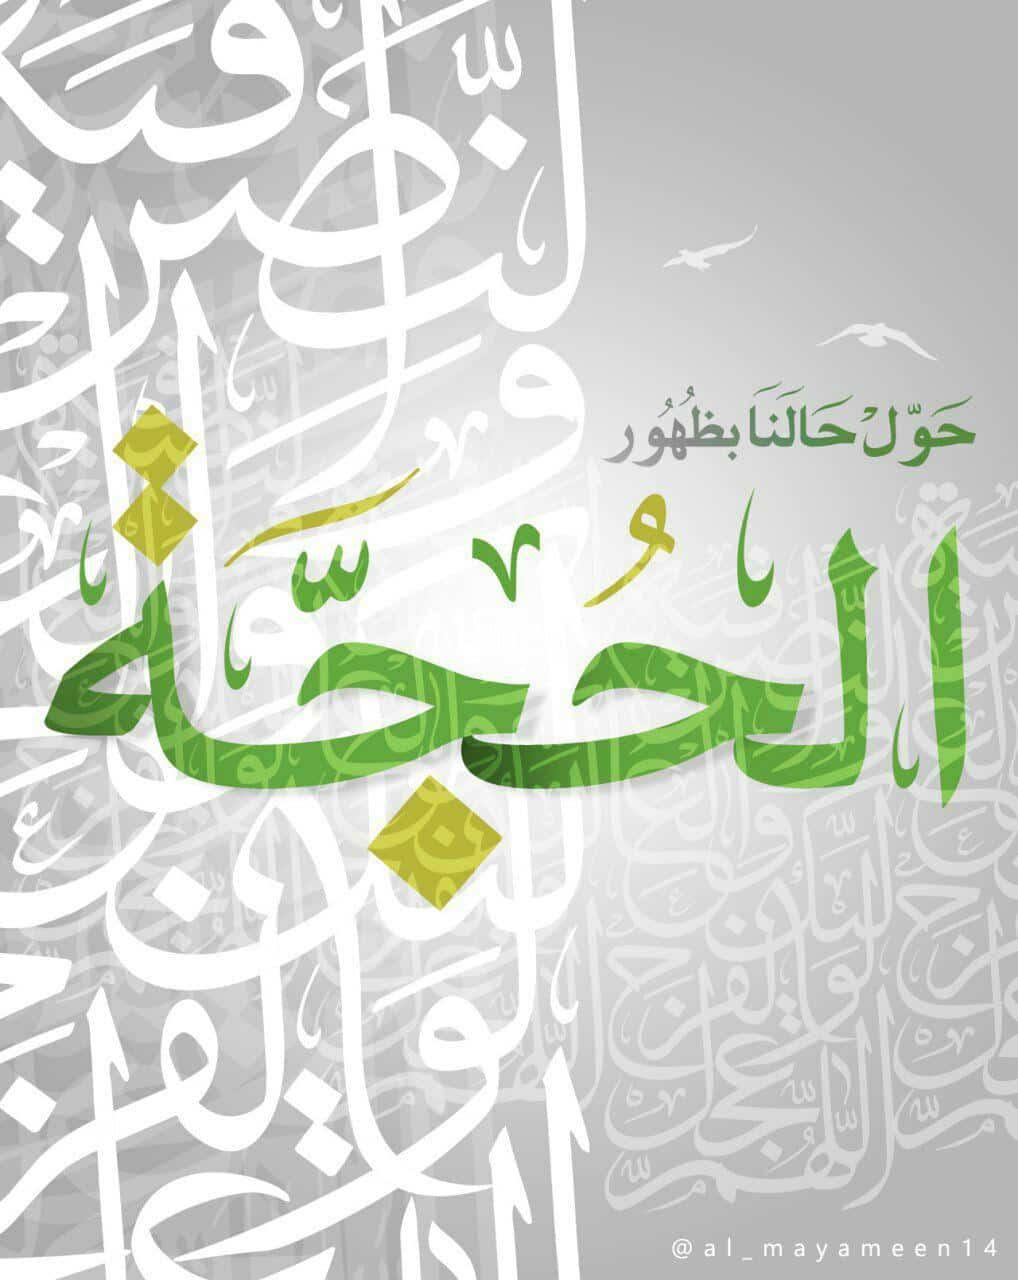 aks emam zaman nowruz 1 - عکس امام زمان و عید نوروز